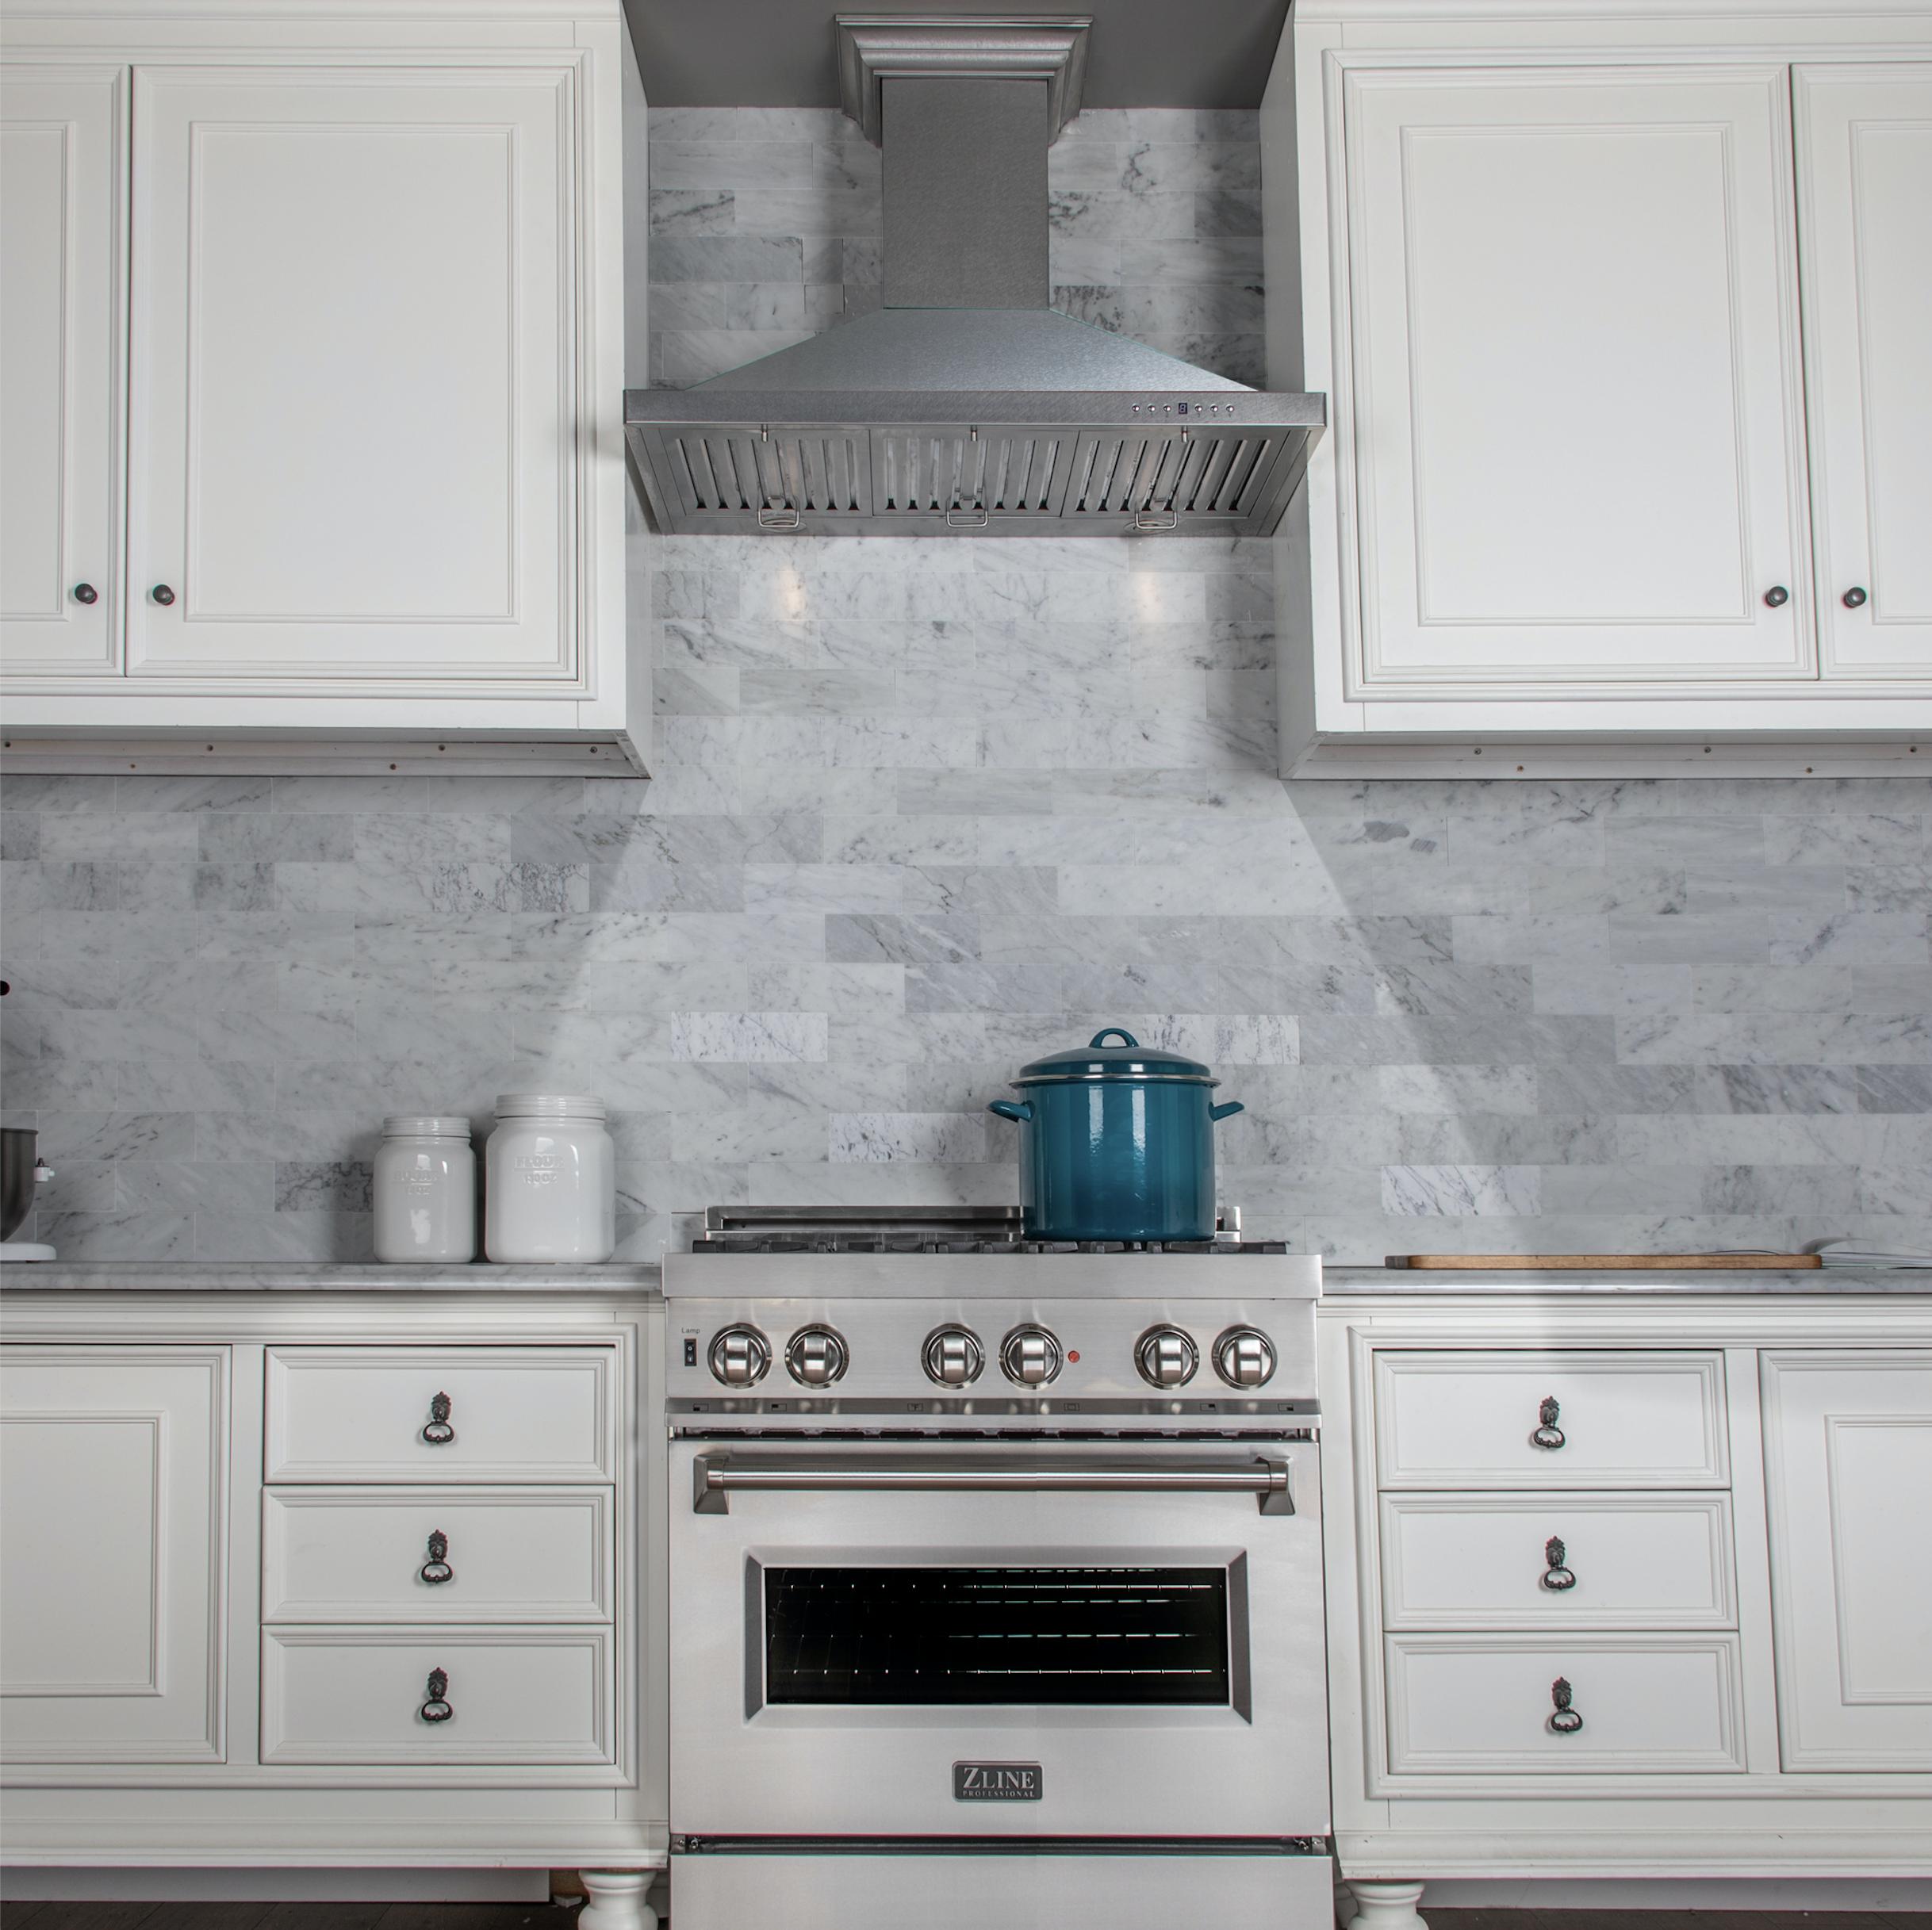 Zline 30 In Designer Series Durasnow Stainless Steel Wall Mount Range Hood 8kbs 30 Kitchen Remodel Kitchen Renovation Kitchen Layout